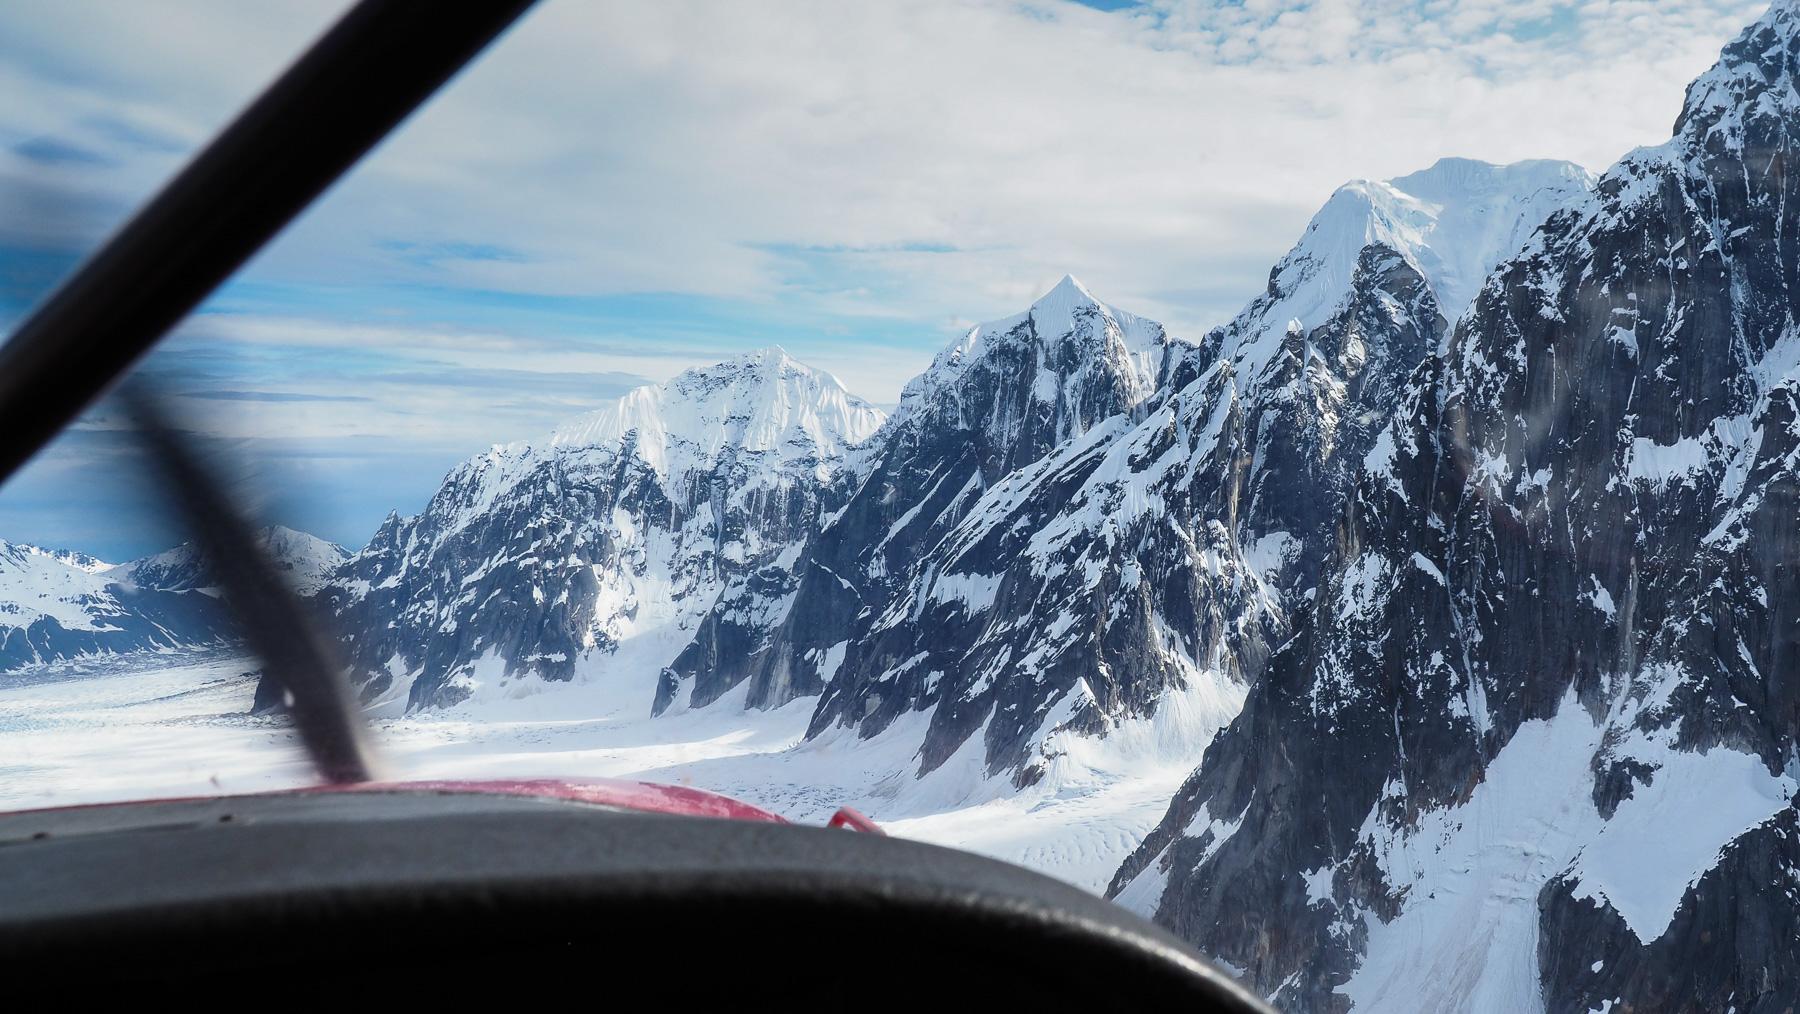 Flug entlang der Alaska Range